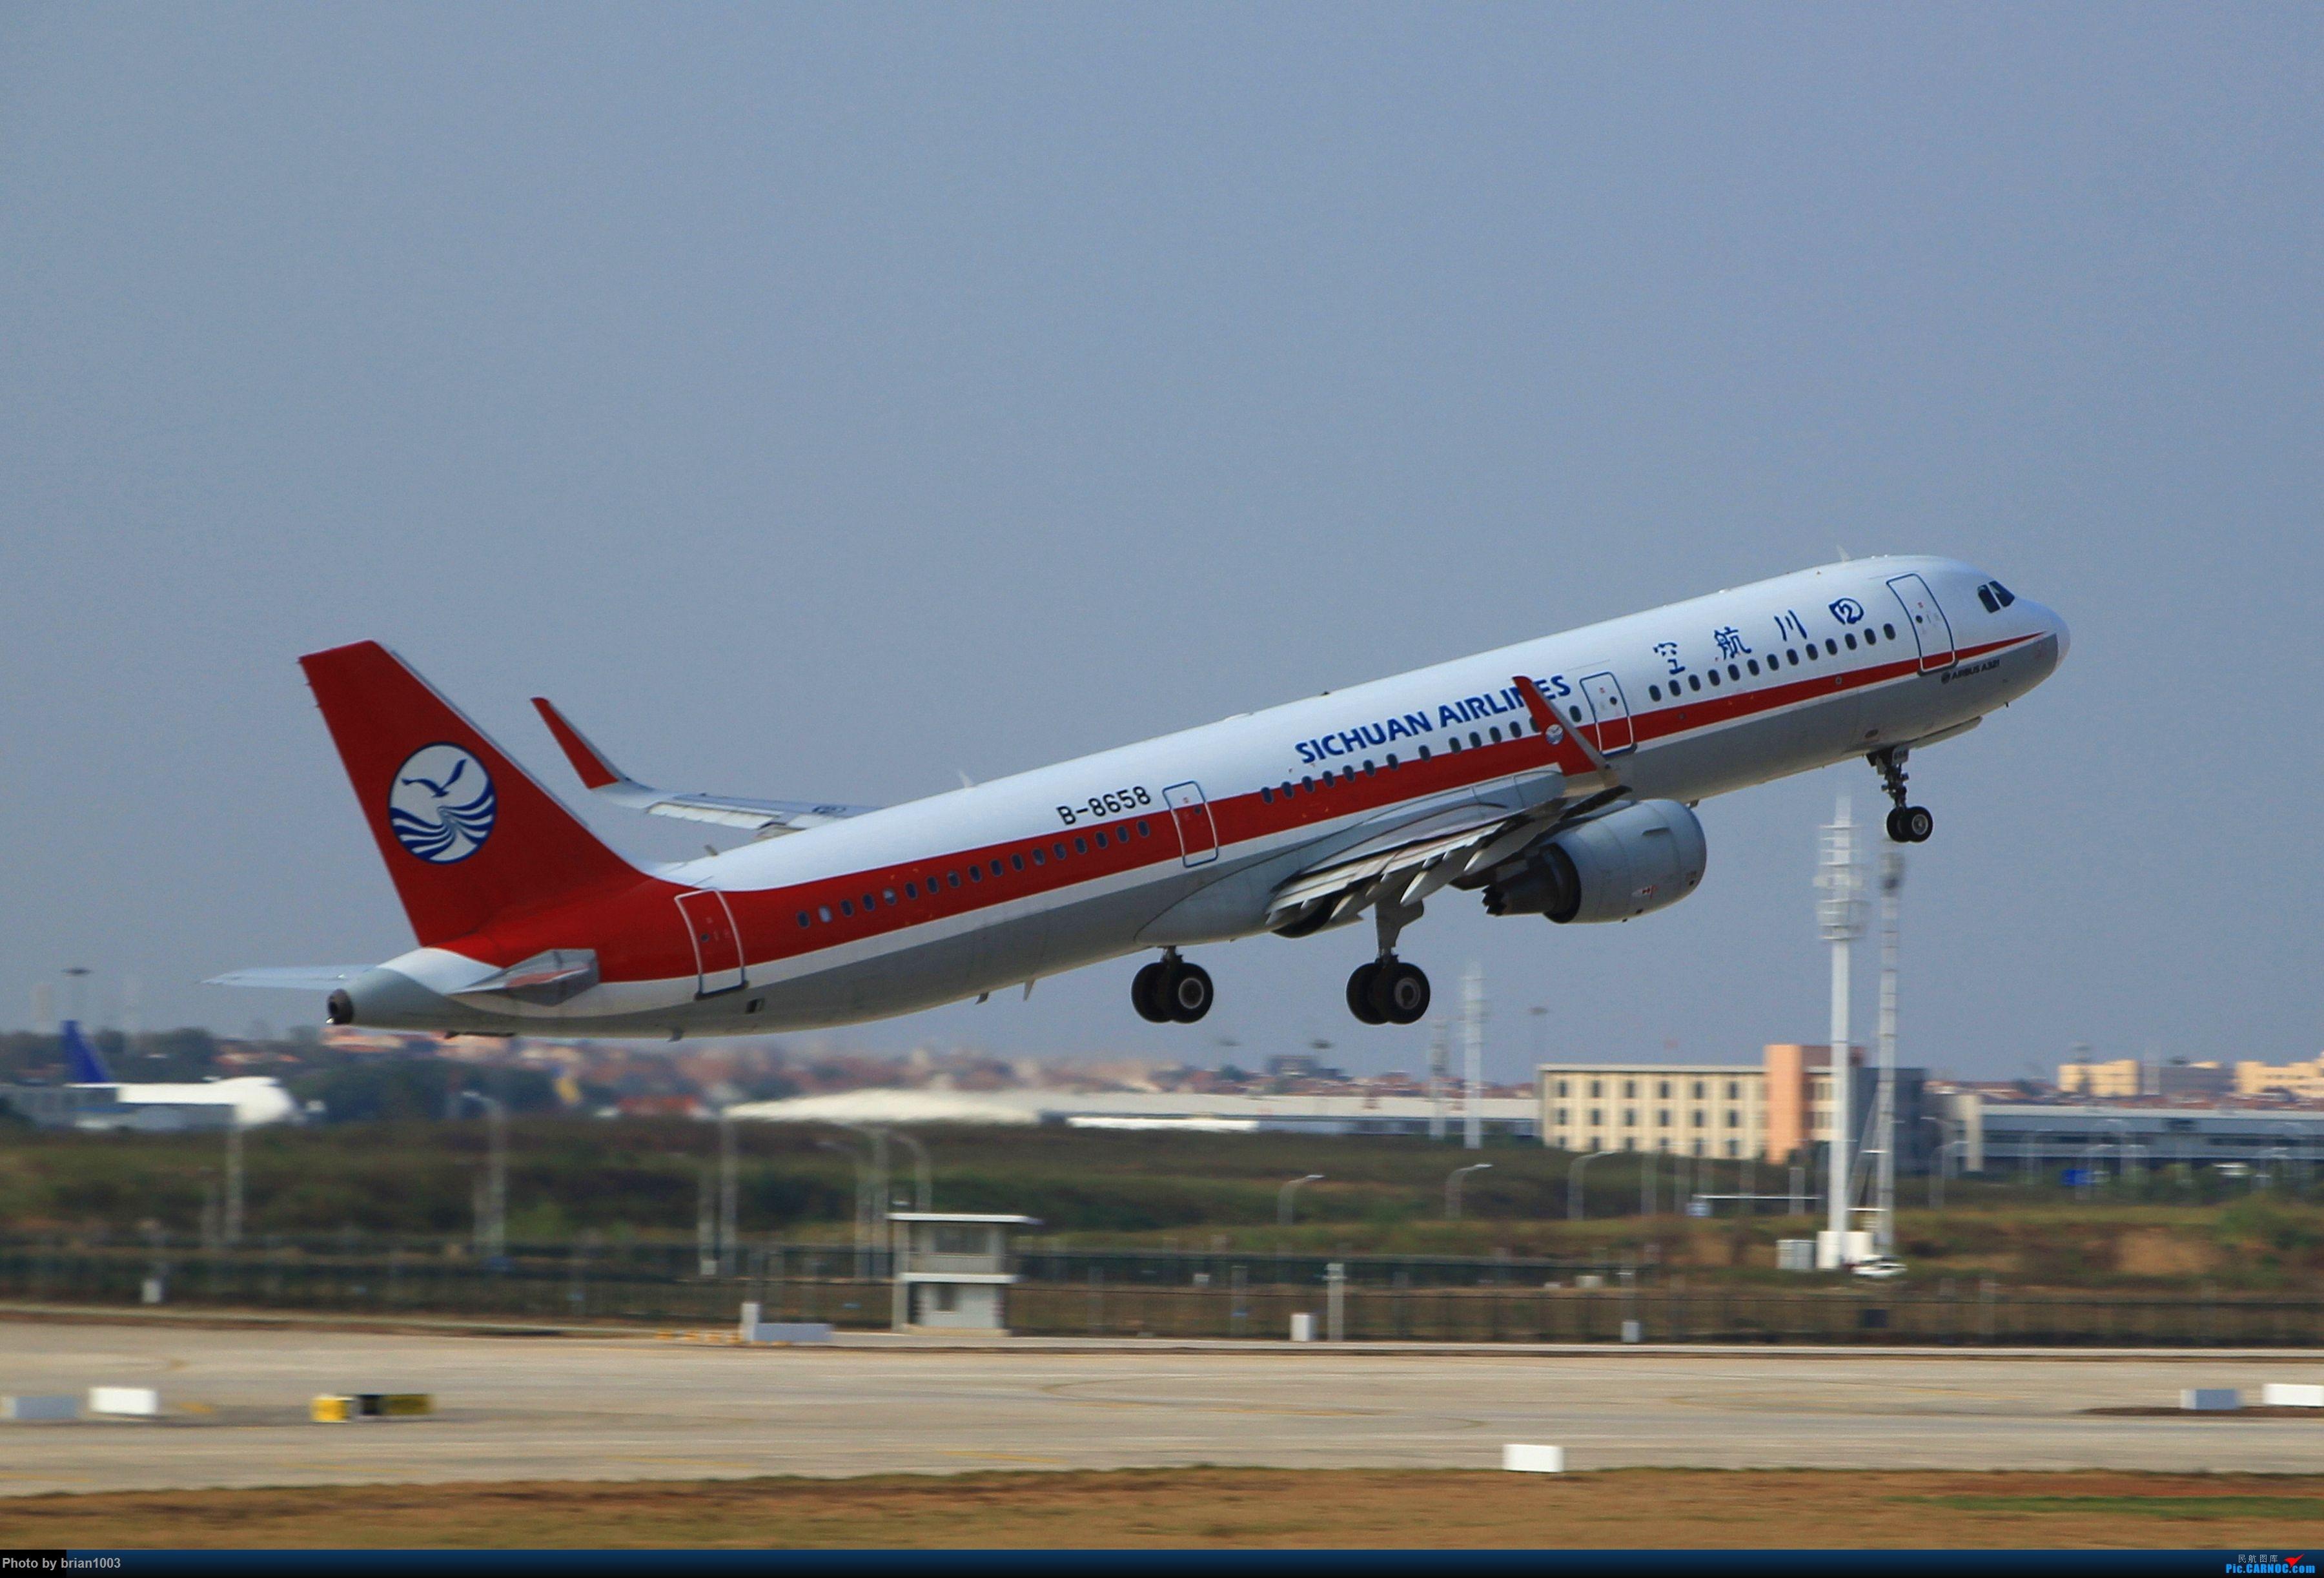 Re:[原创]WUH武汉天河机场拍机之精彩满满的十月(还可能更新) AIRBUS A321-200 B-8658 中国武汉天河国际机场